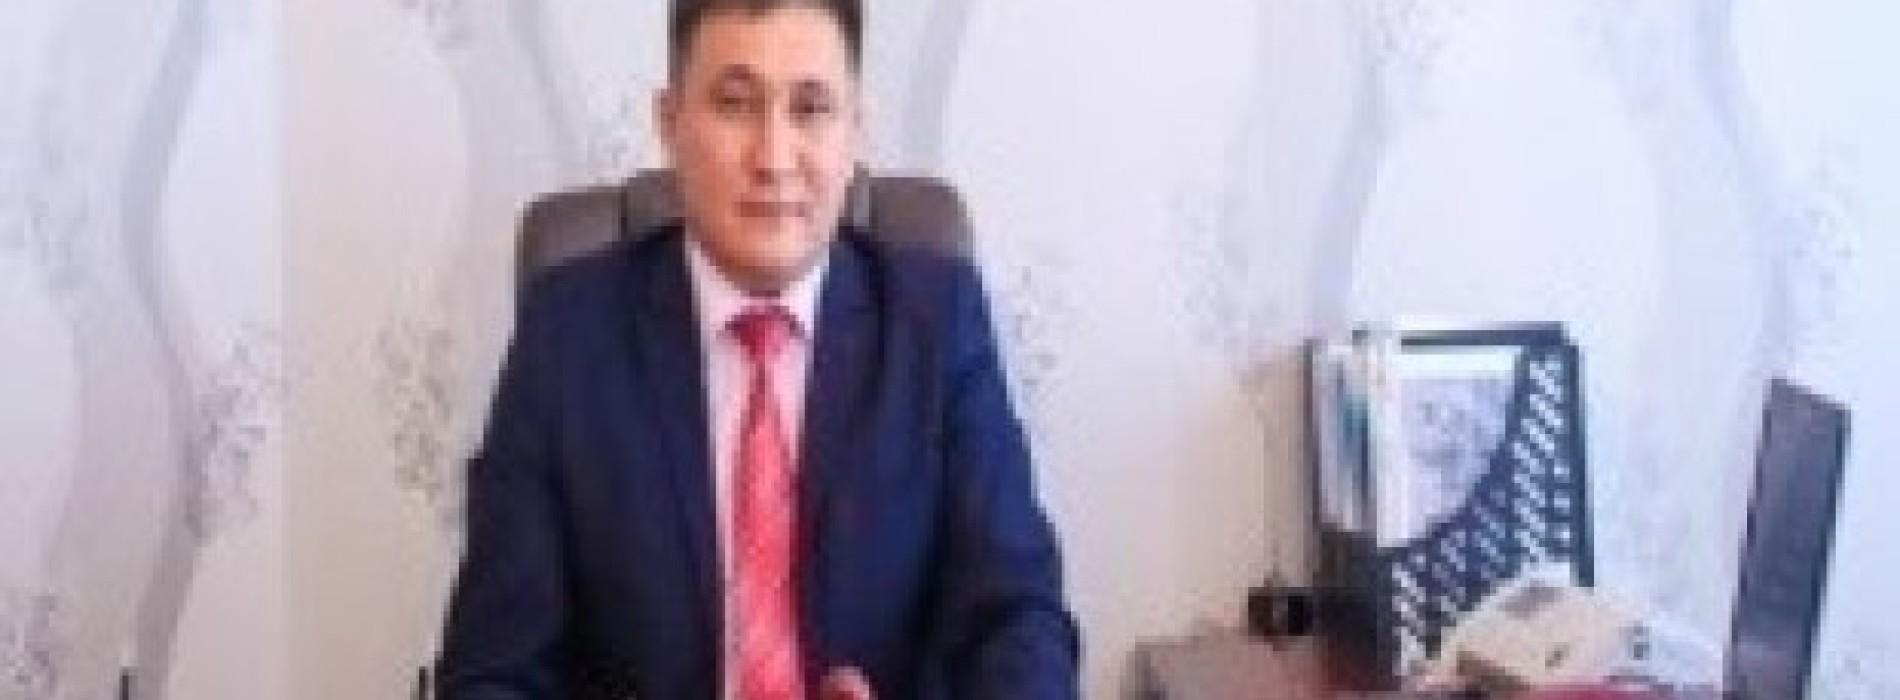 Директора школы в Семее подозревают в получении взятки